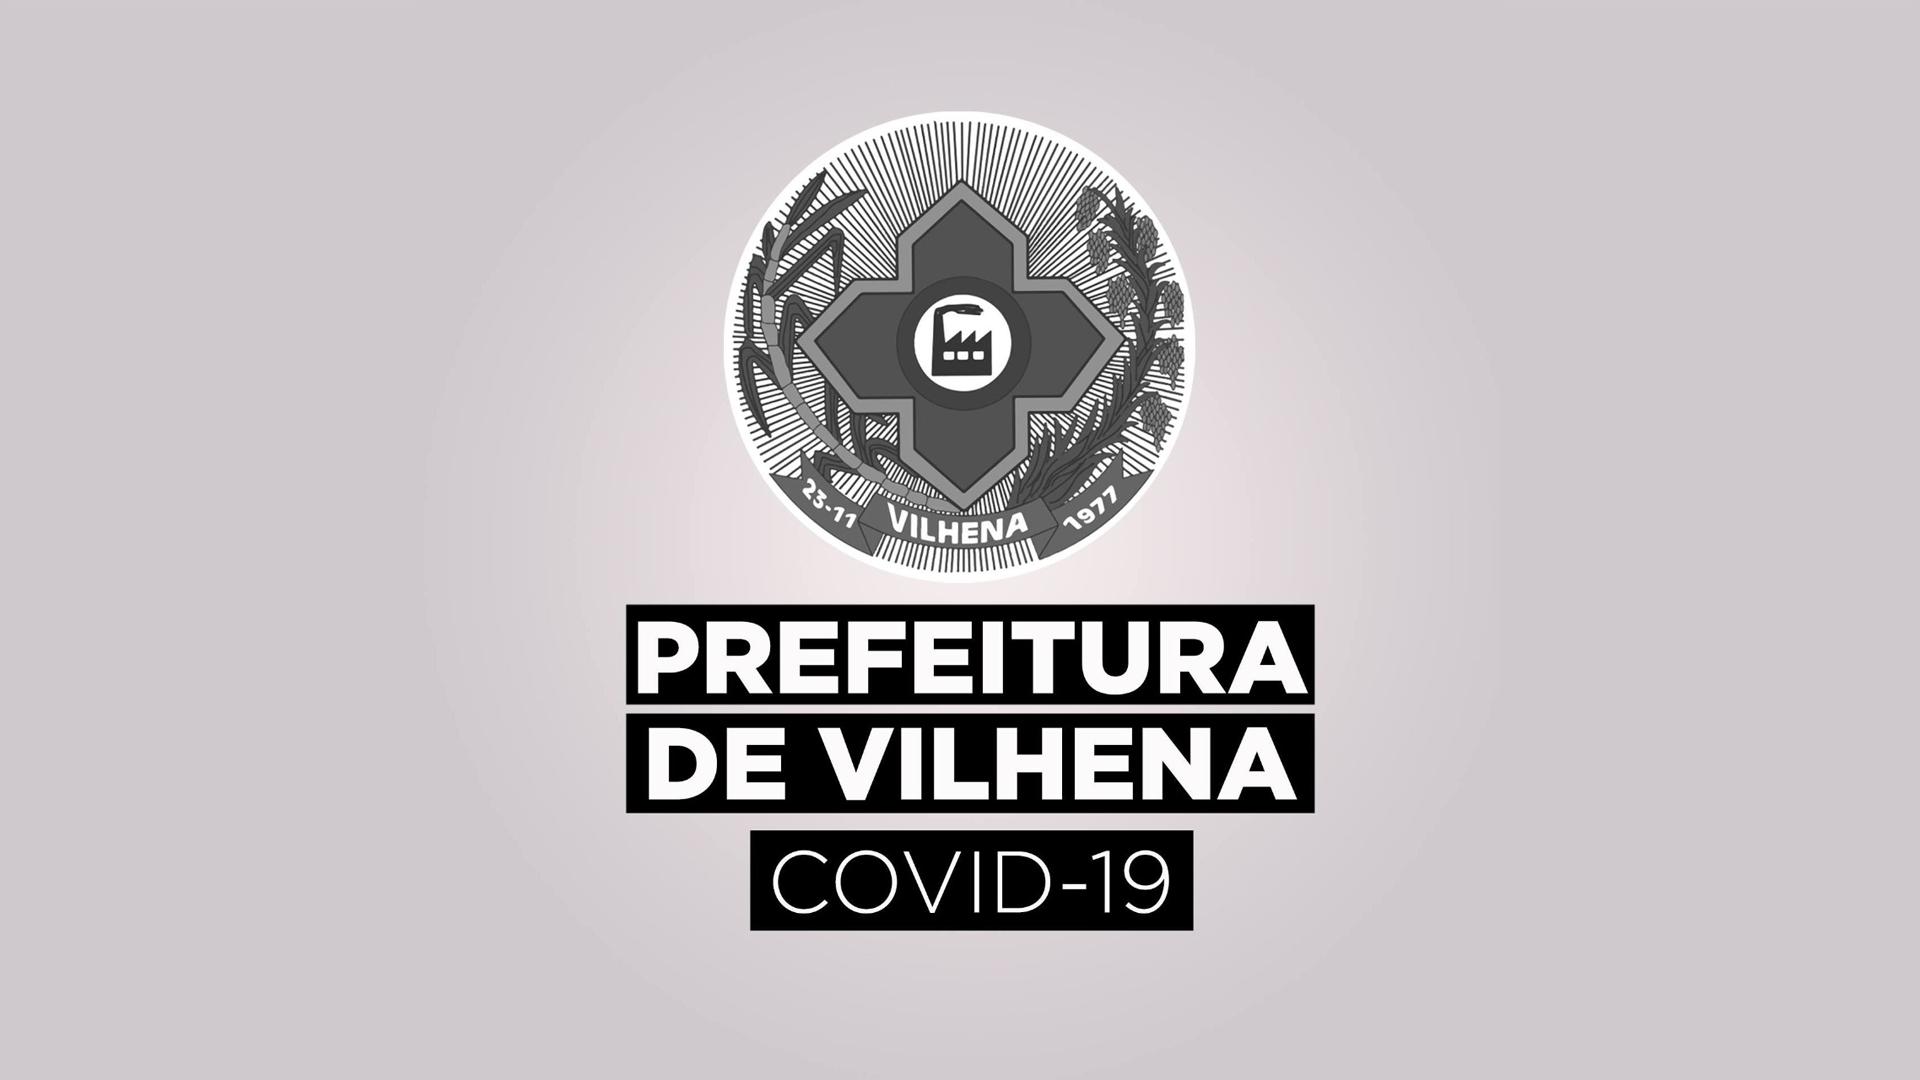 BOLETIM PMV Nº 248 - 18/11/20 - CORONAVÍRUS (COVID-19)